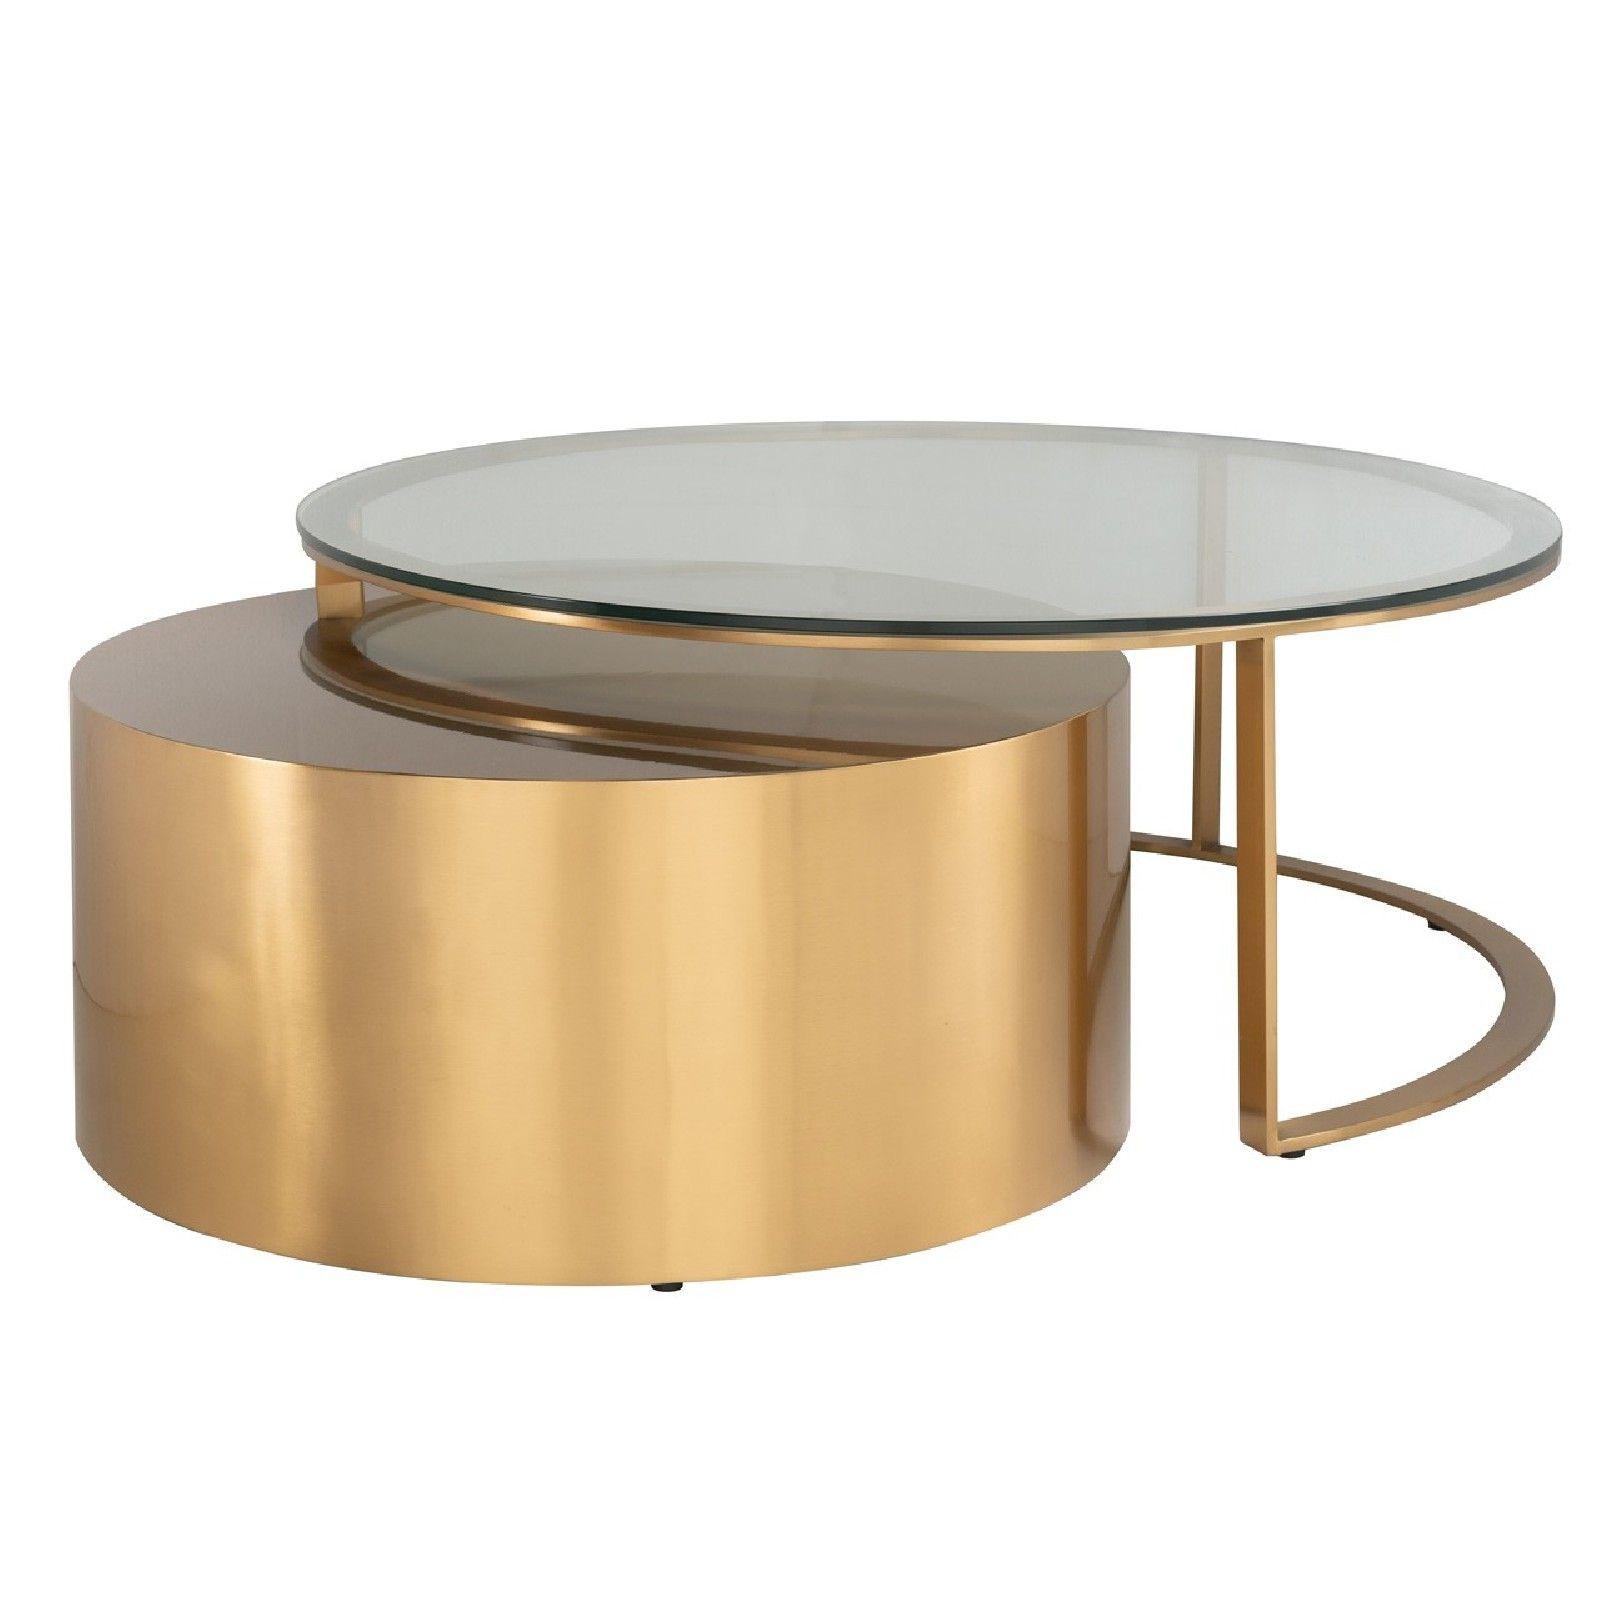 Table de salon Orlan set de2 Tables basses rondes - 28